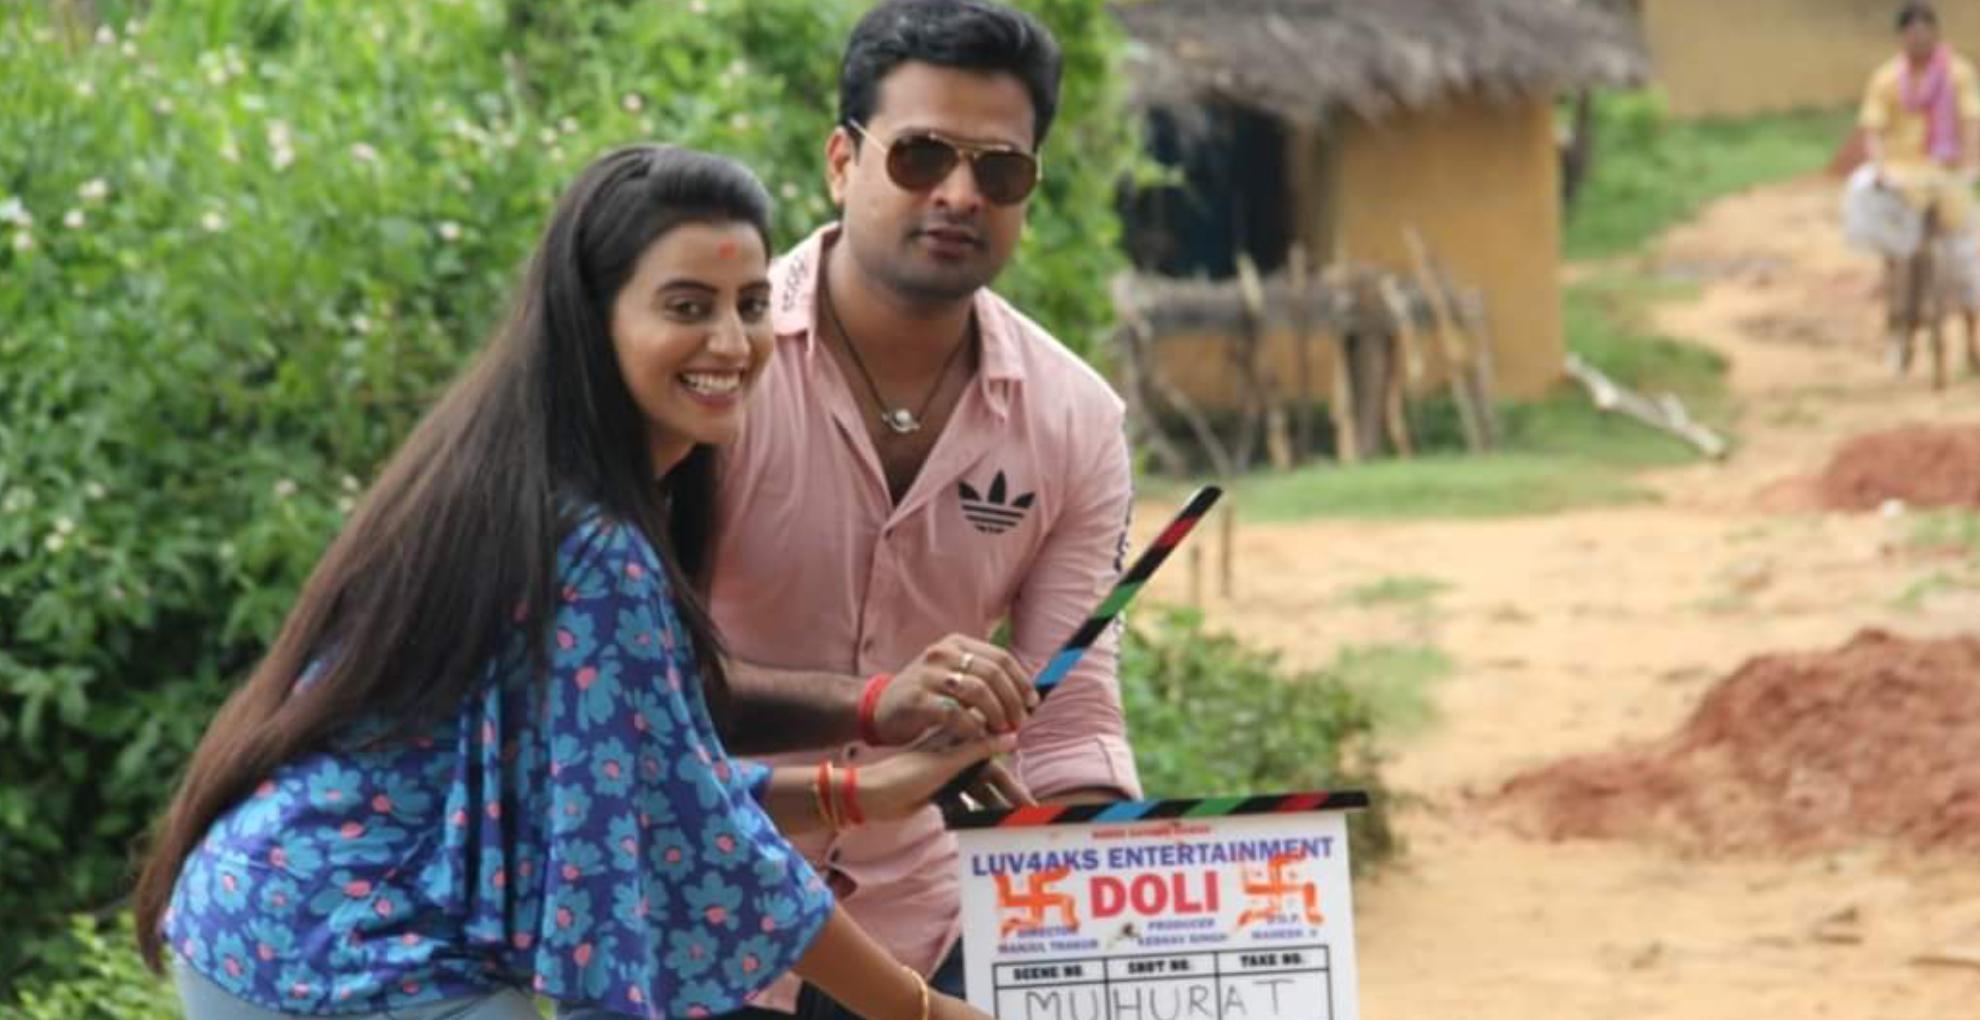 Doli Movie: अक्षरा सिंह-रितेश पांडेय यूपी की वादियों में करेंगे रोमांस, एक्ट्रेस ने बताई फिल्म करने की वजह